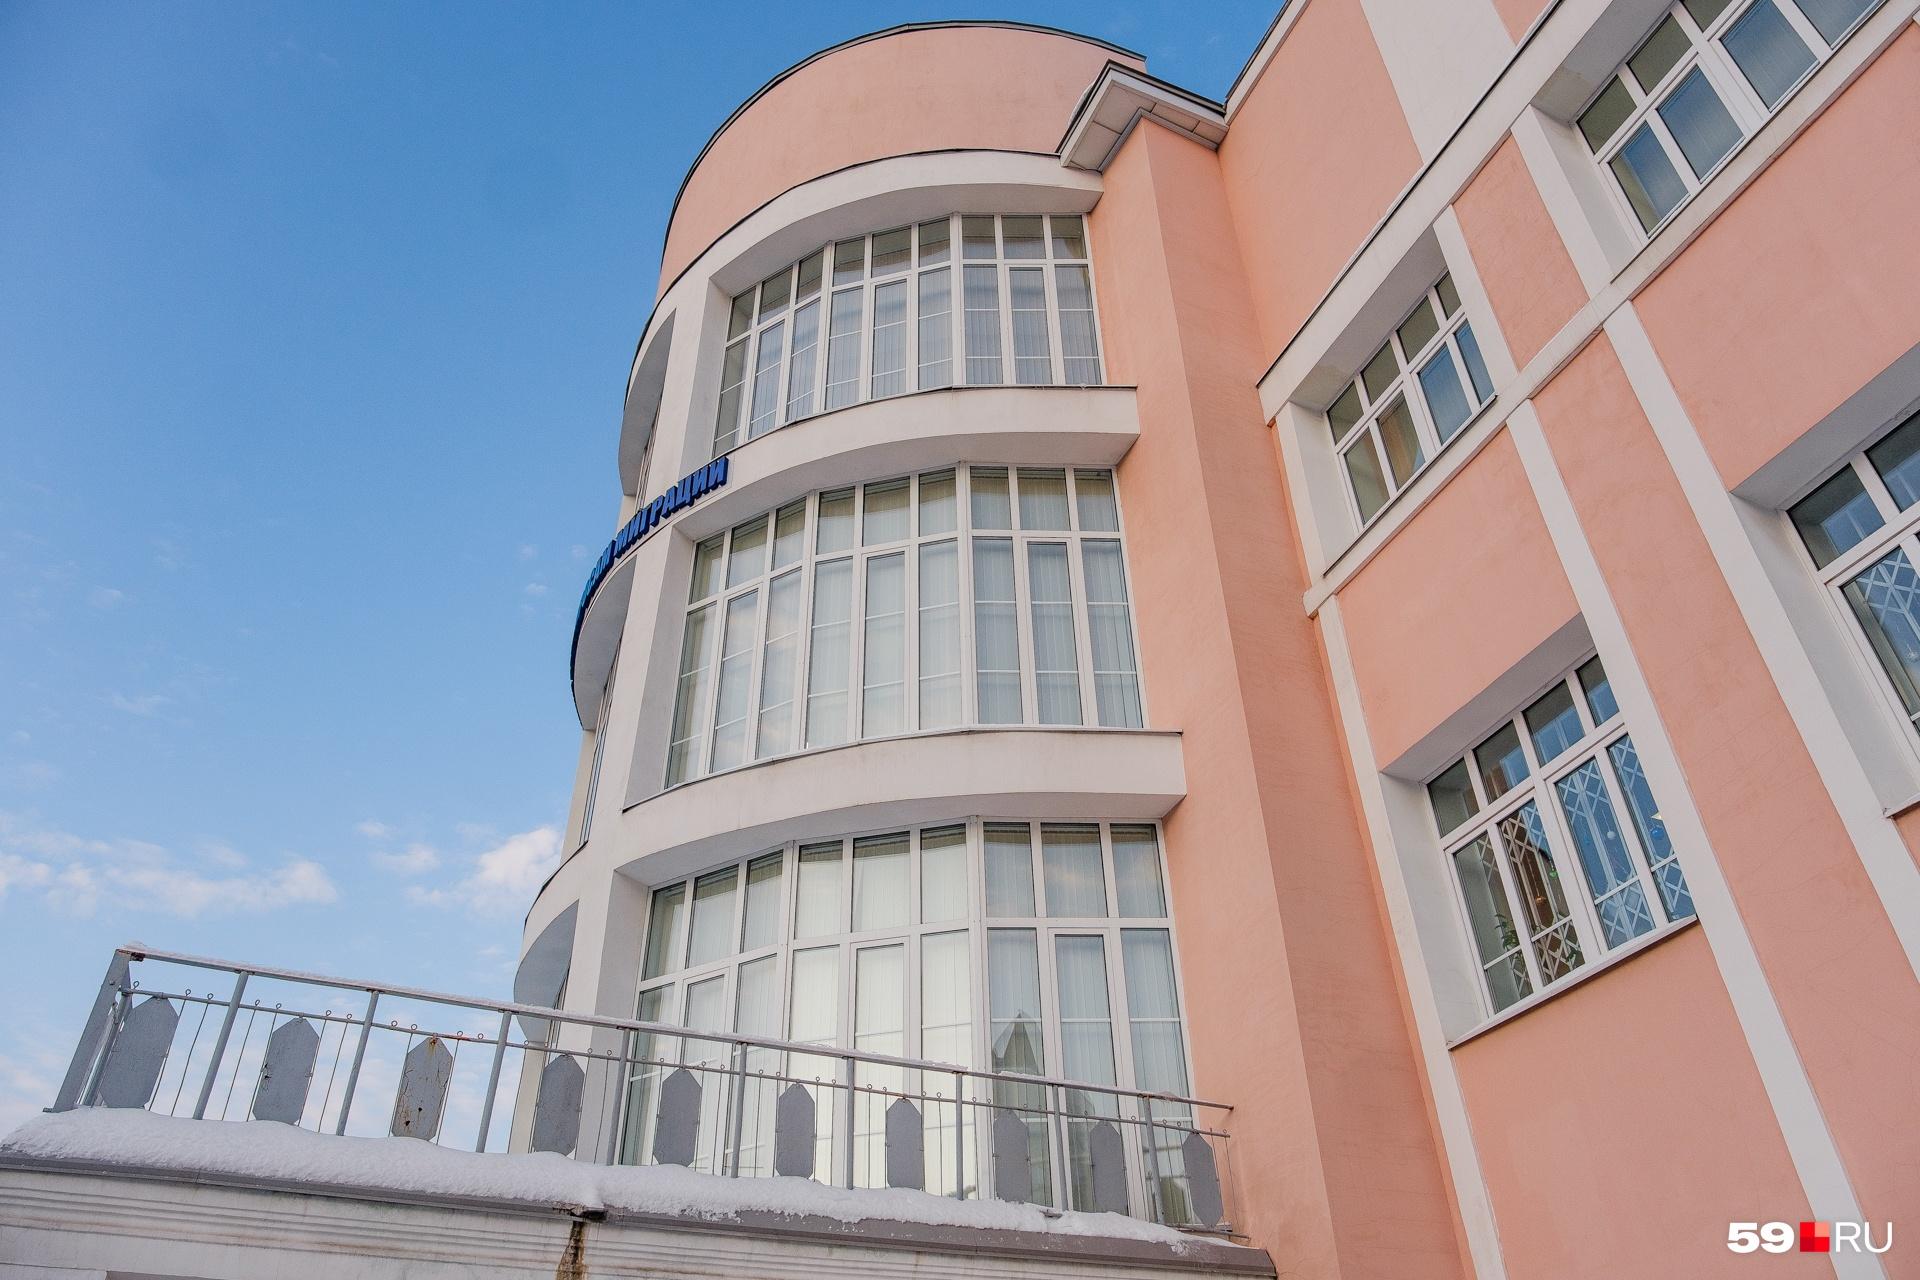 Над входом — большой балкон